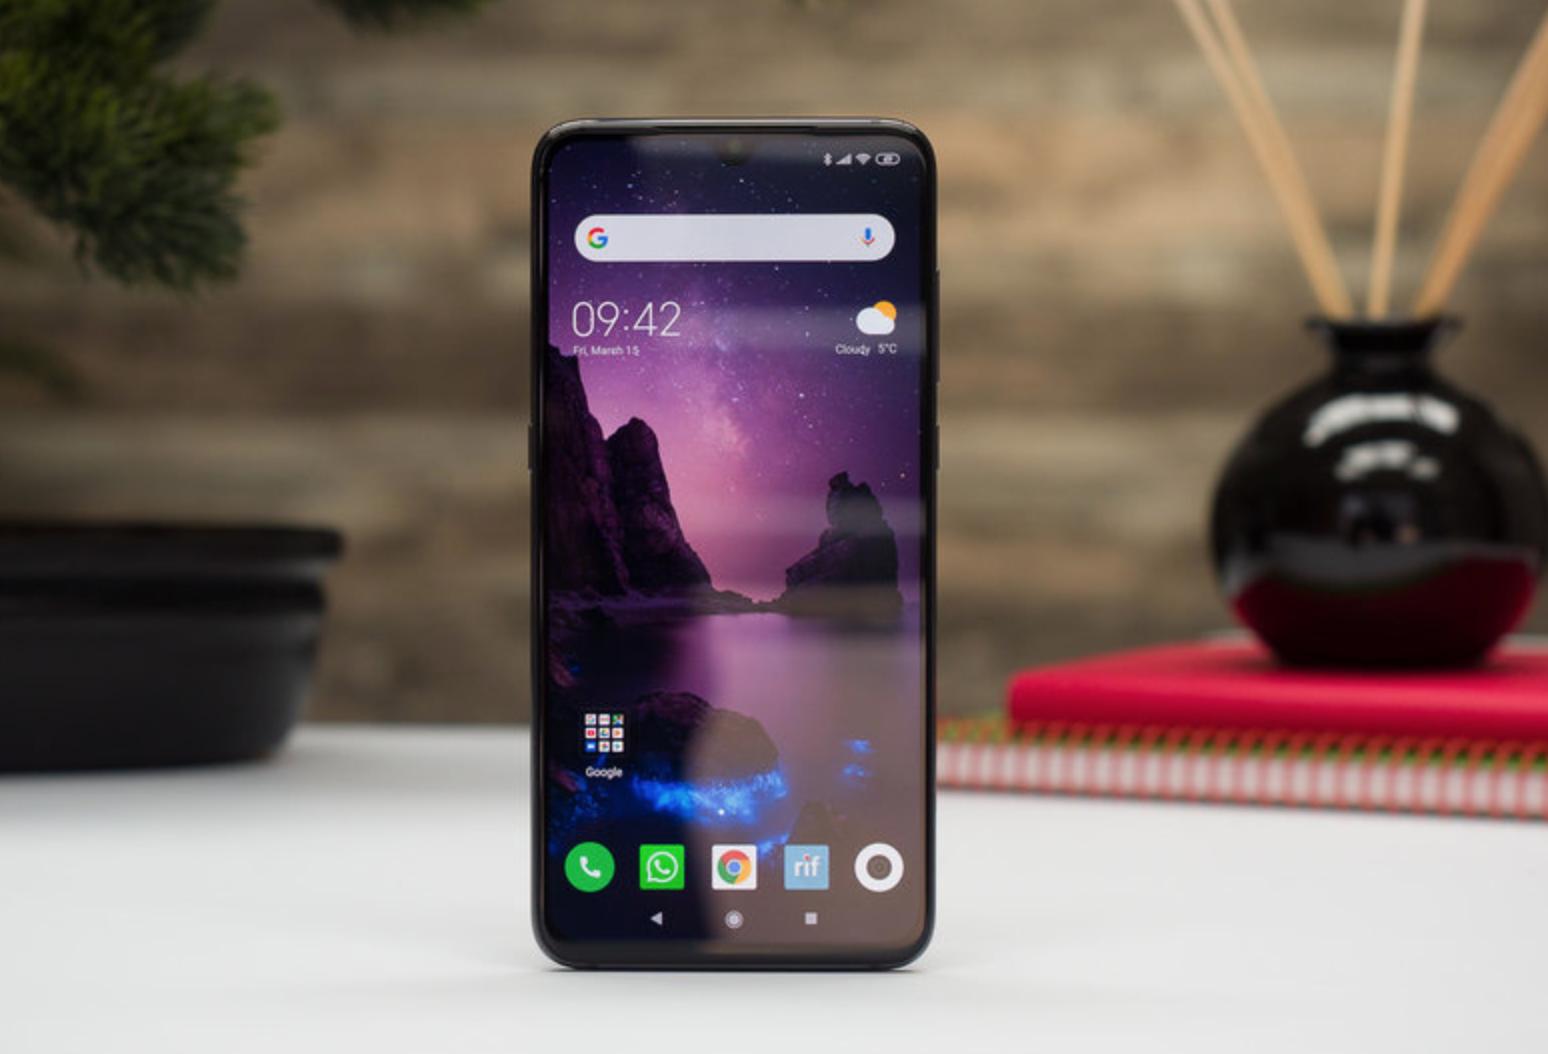 小米、诺基亚将是首批搭载新版Android Q的手机